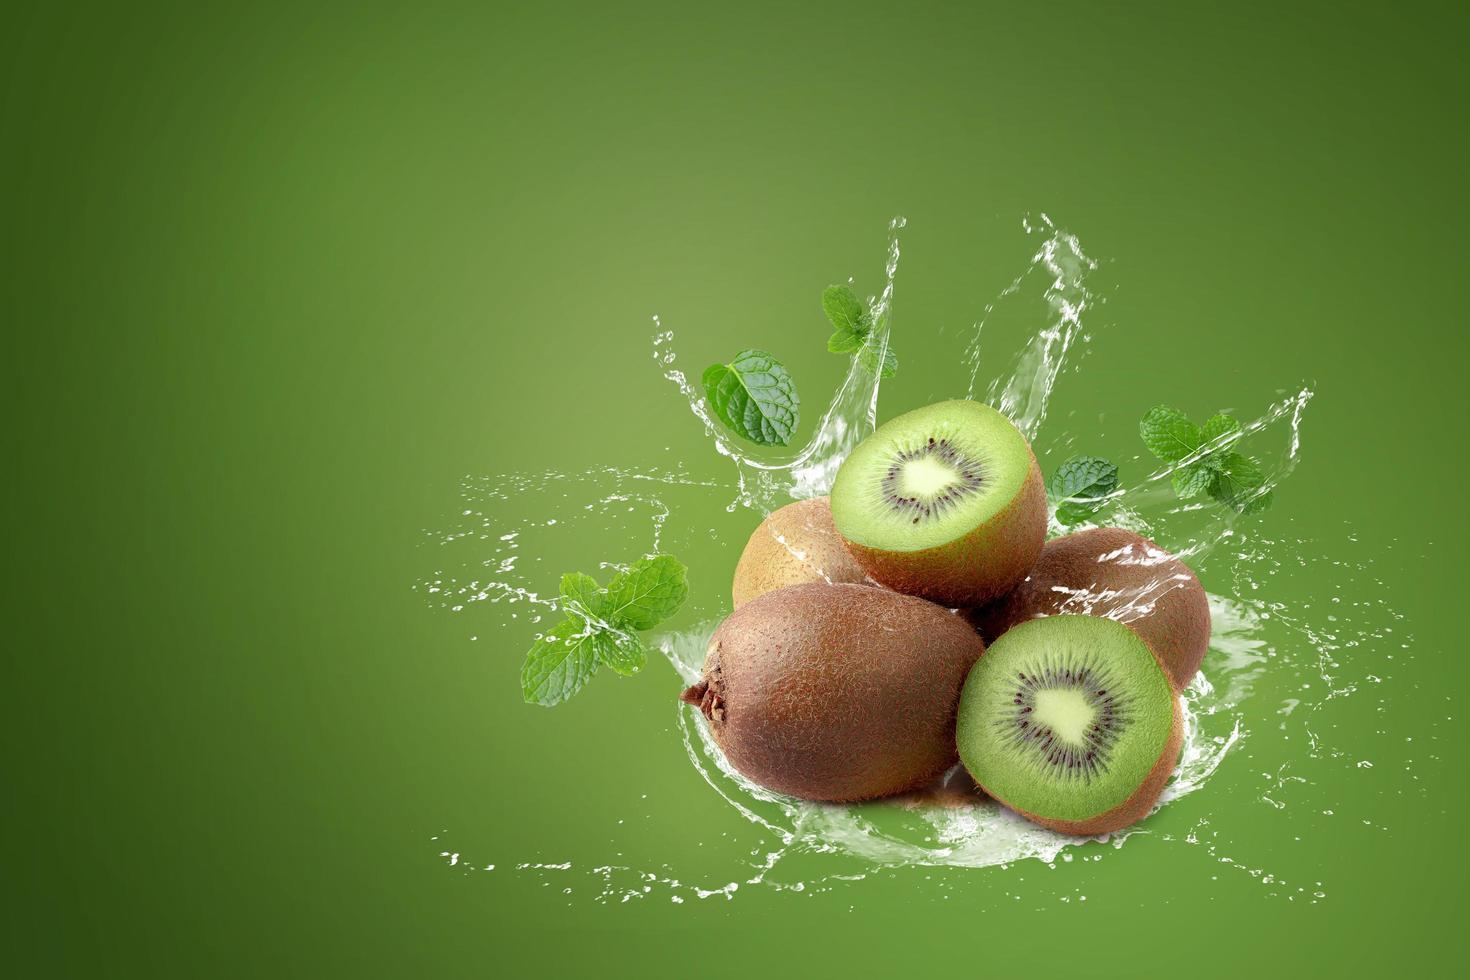 Water splashing on kiwi fruit  photo